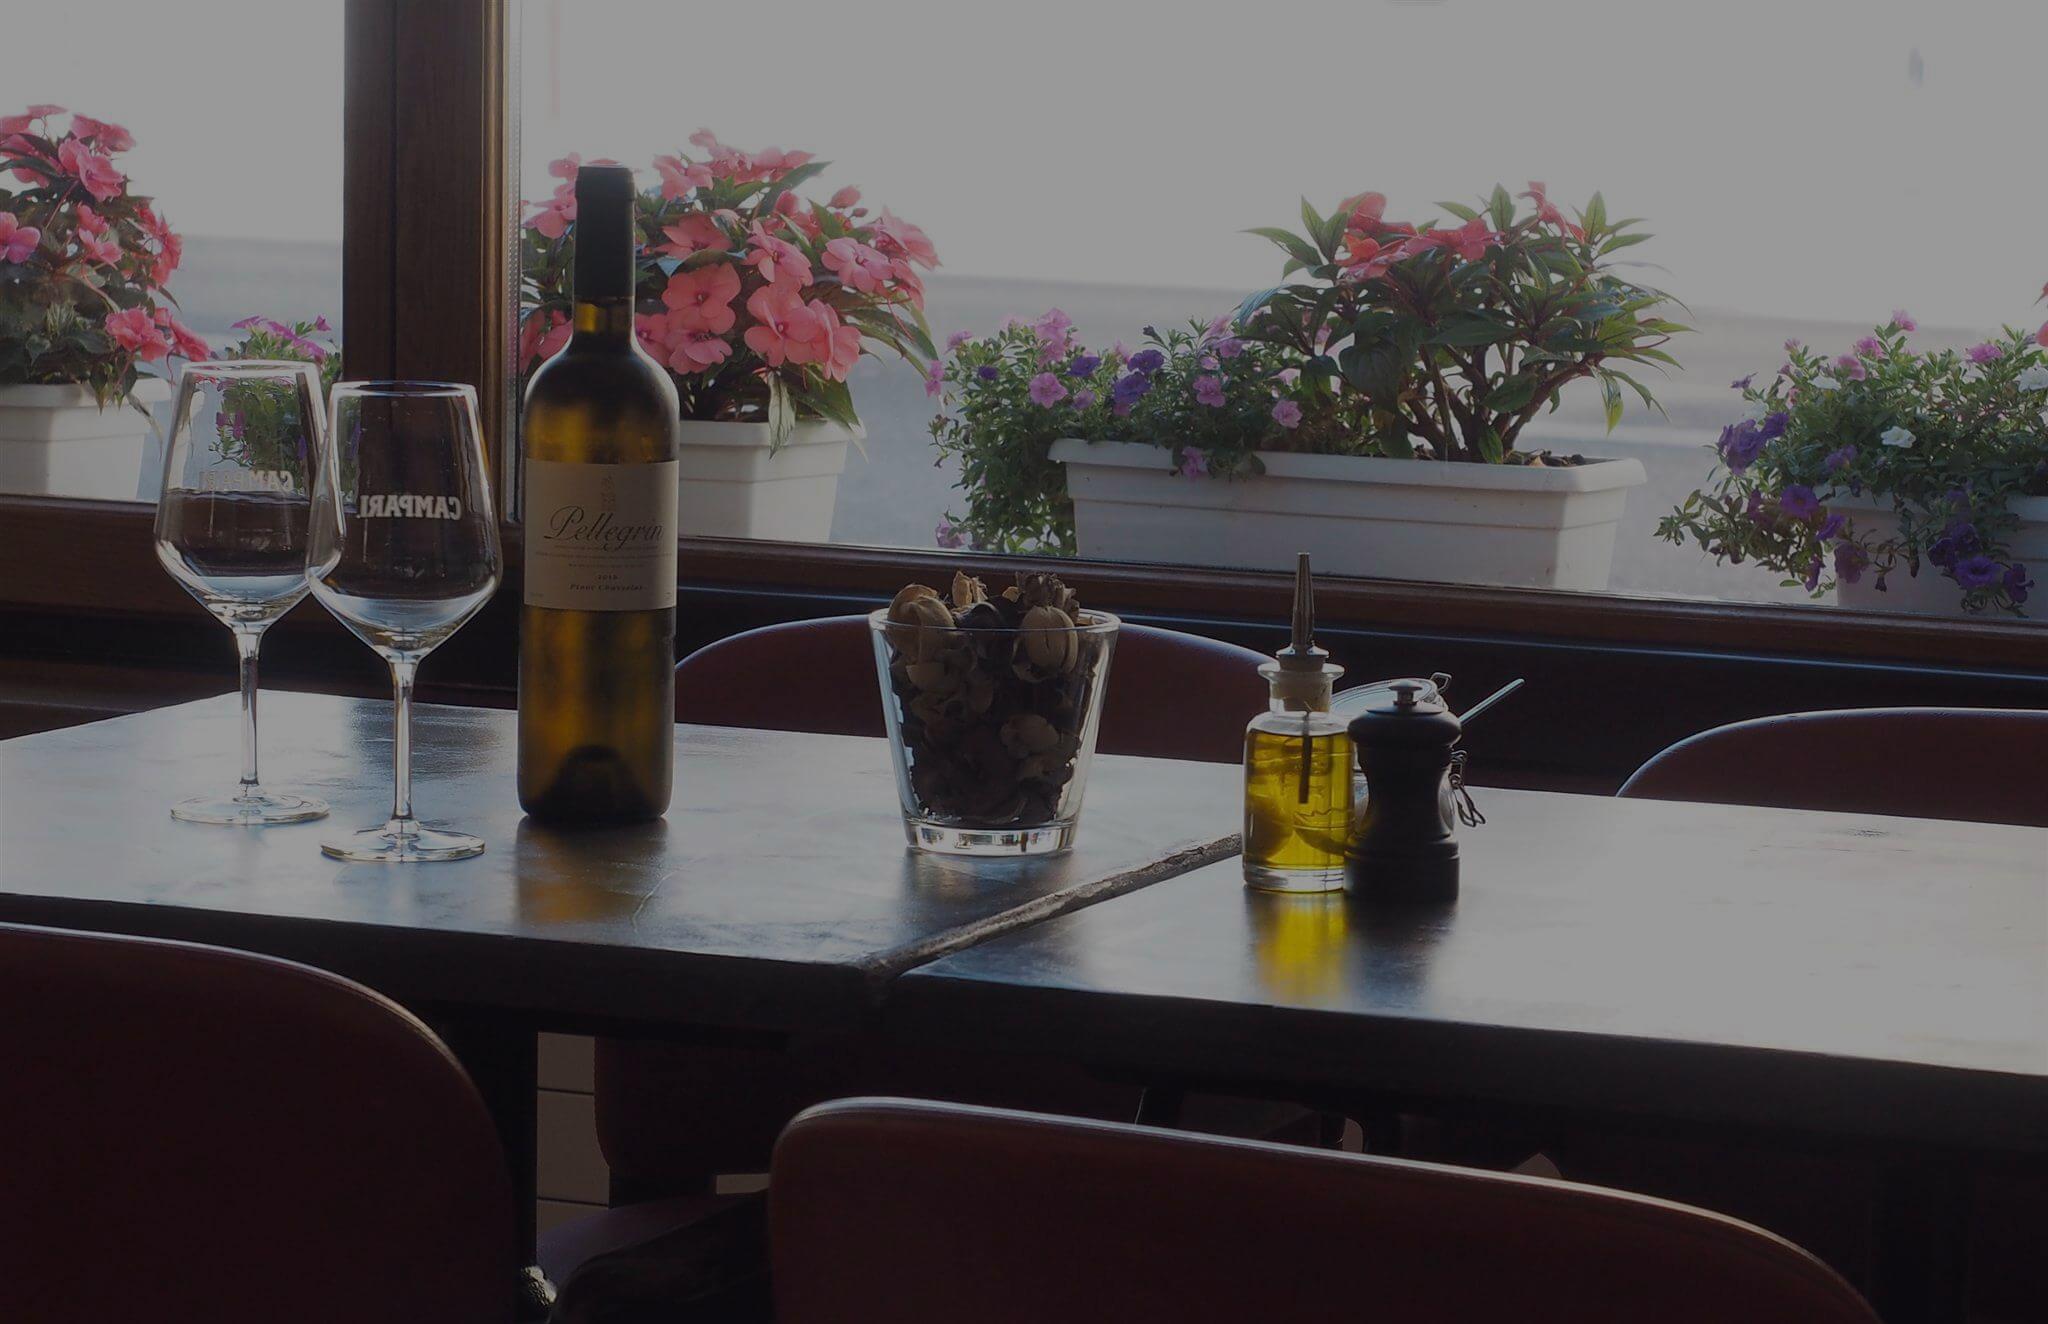 Le côté bistrot, une ambiance et dégustation de vins entre amis